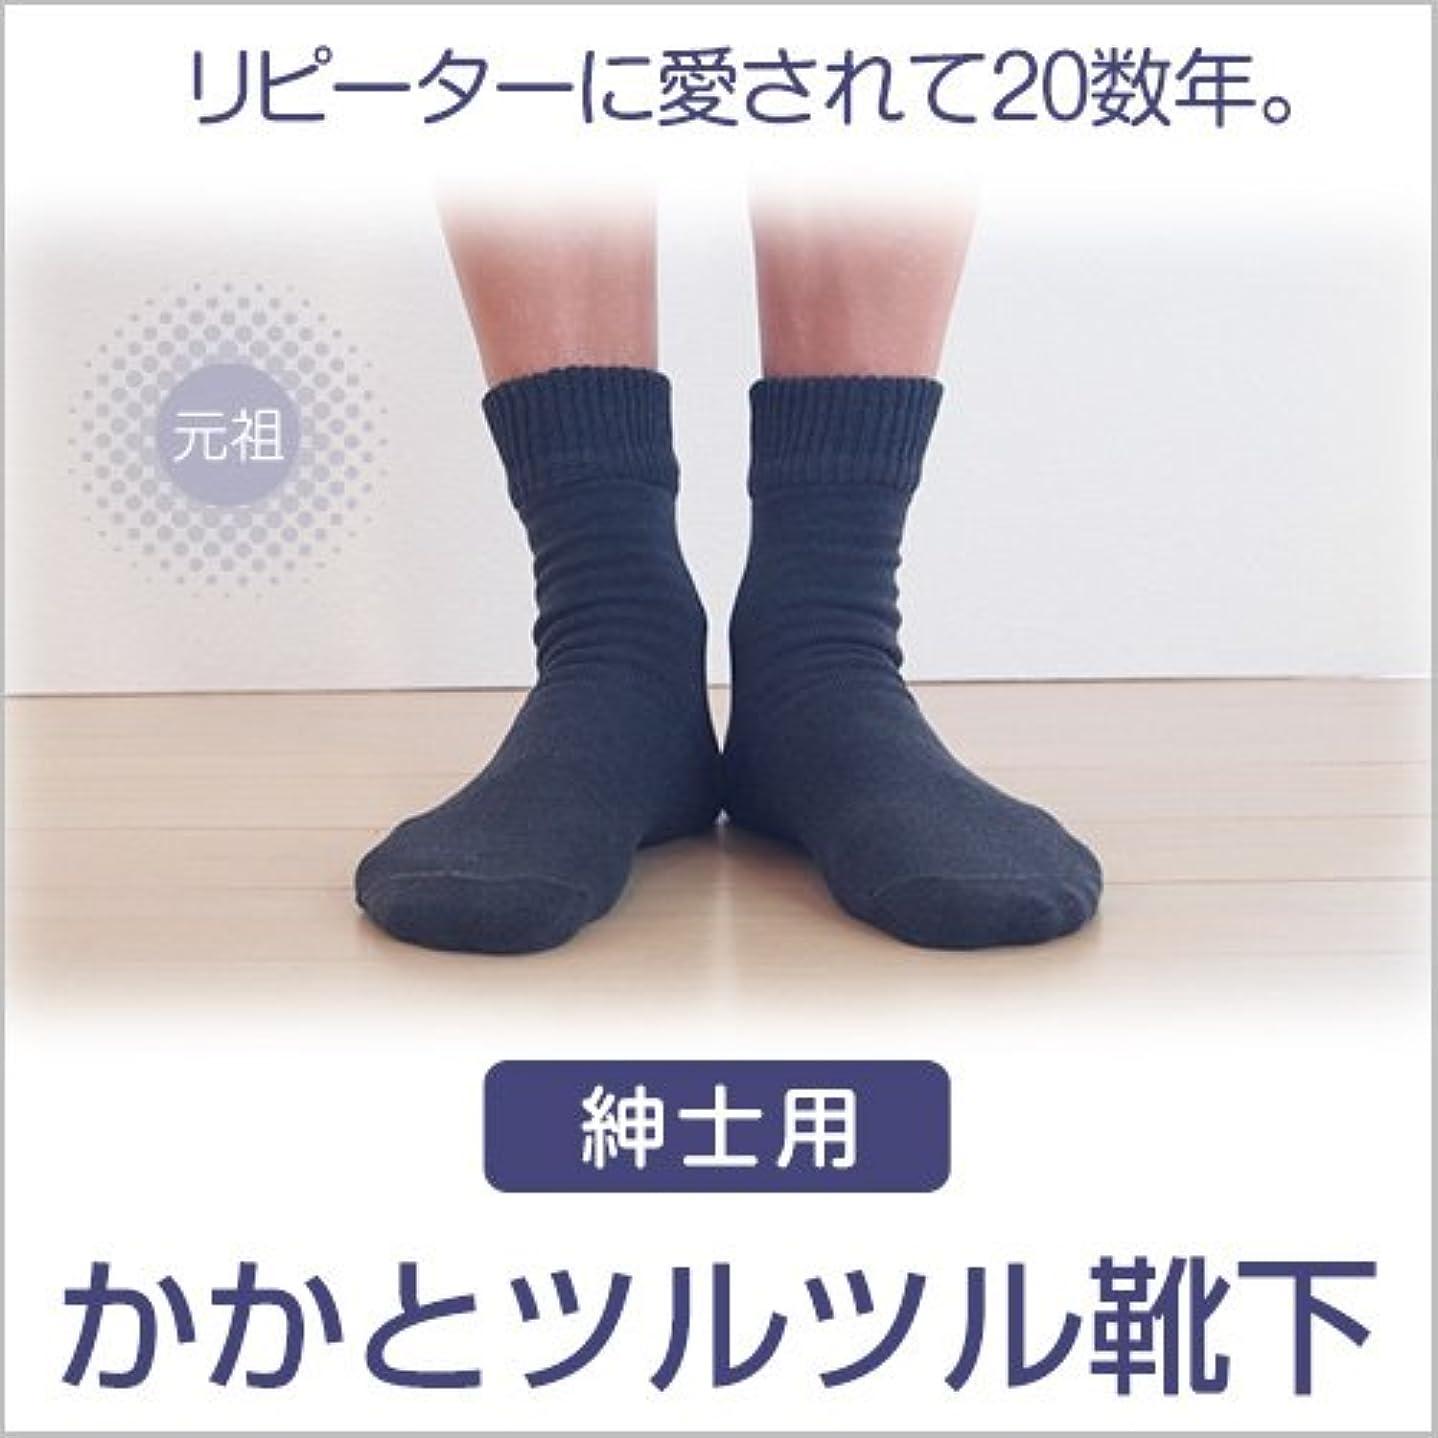 フェードアウト不忠アコー男性用 かかと ツルツル 靴下 ブラック 24-26cm 角質 ケア ひび割れ対策 太陽ニット 700